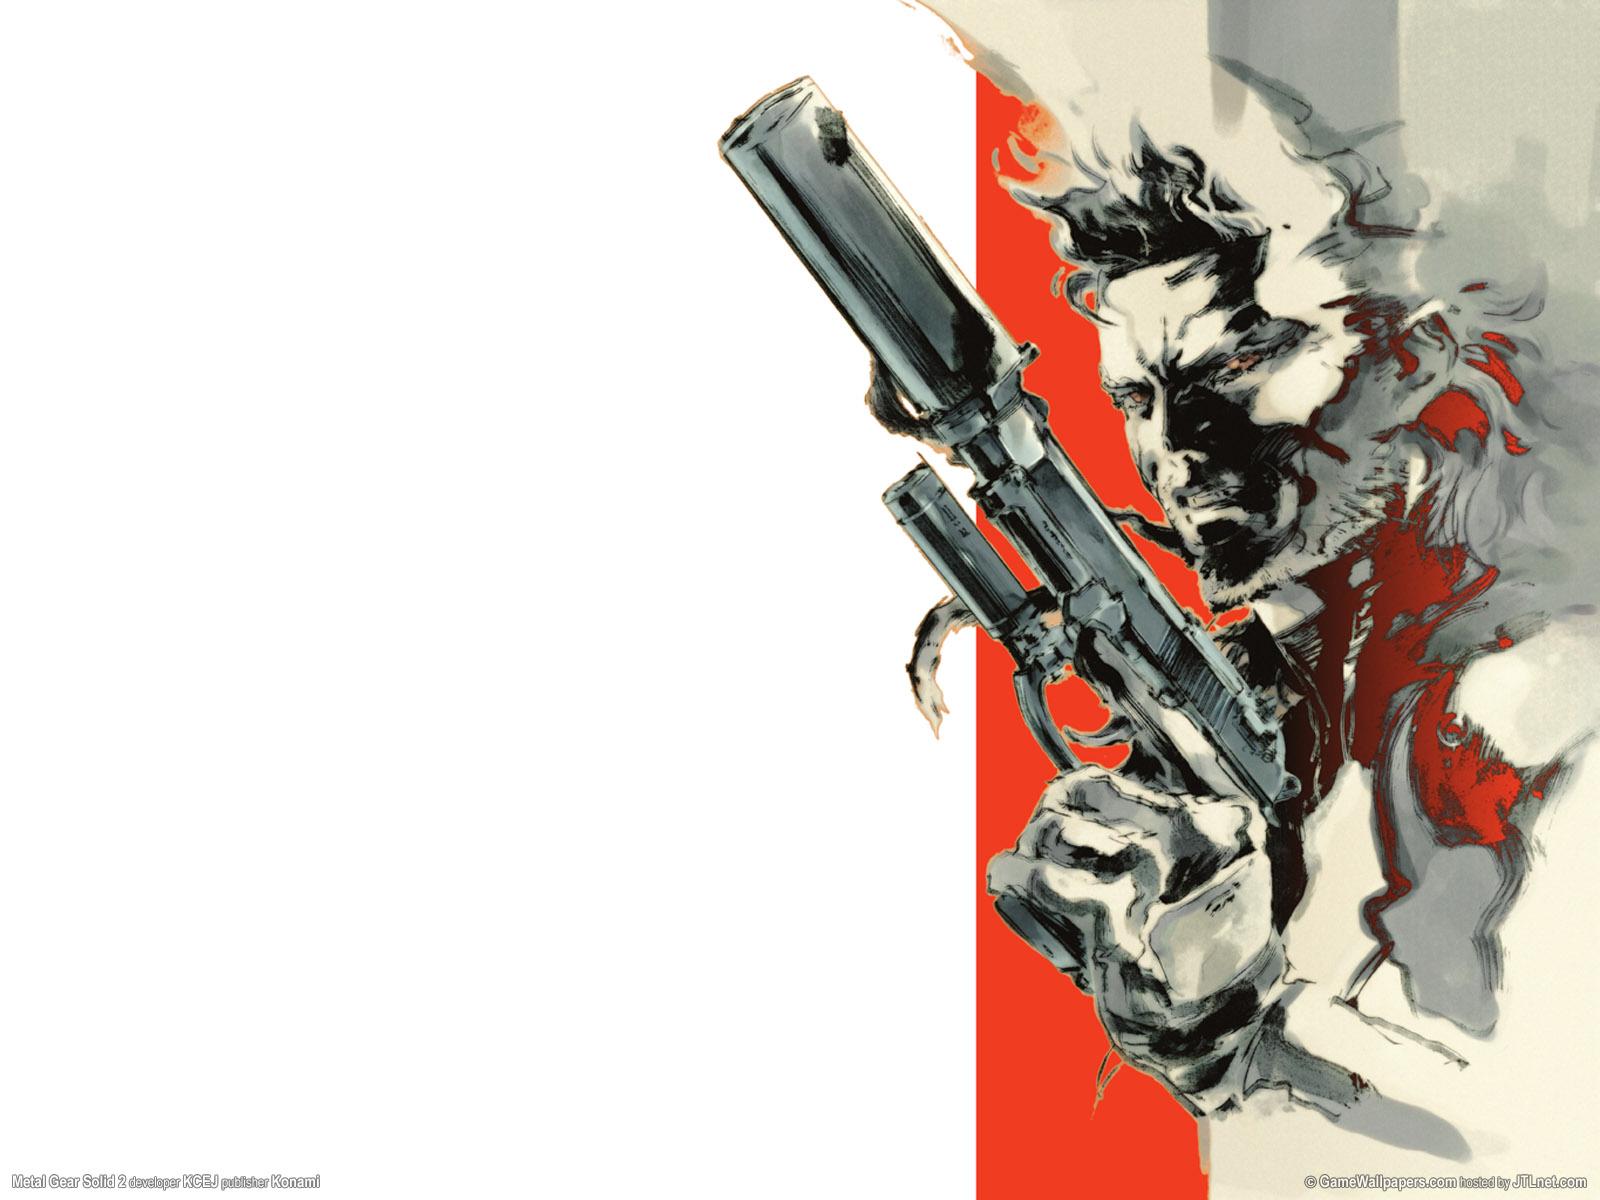 48 Metal Gear Solid Wallpaper 1080p On Wallpapersafari